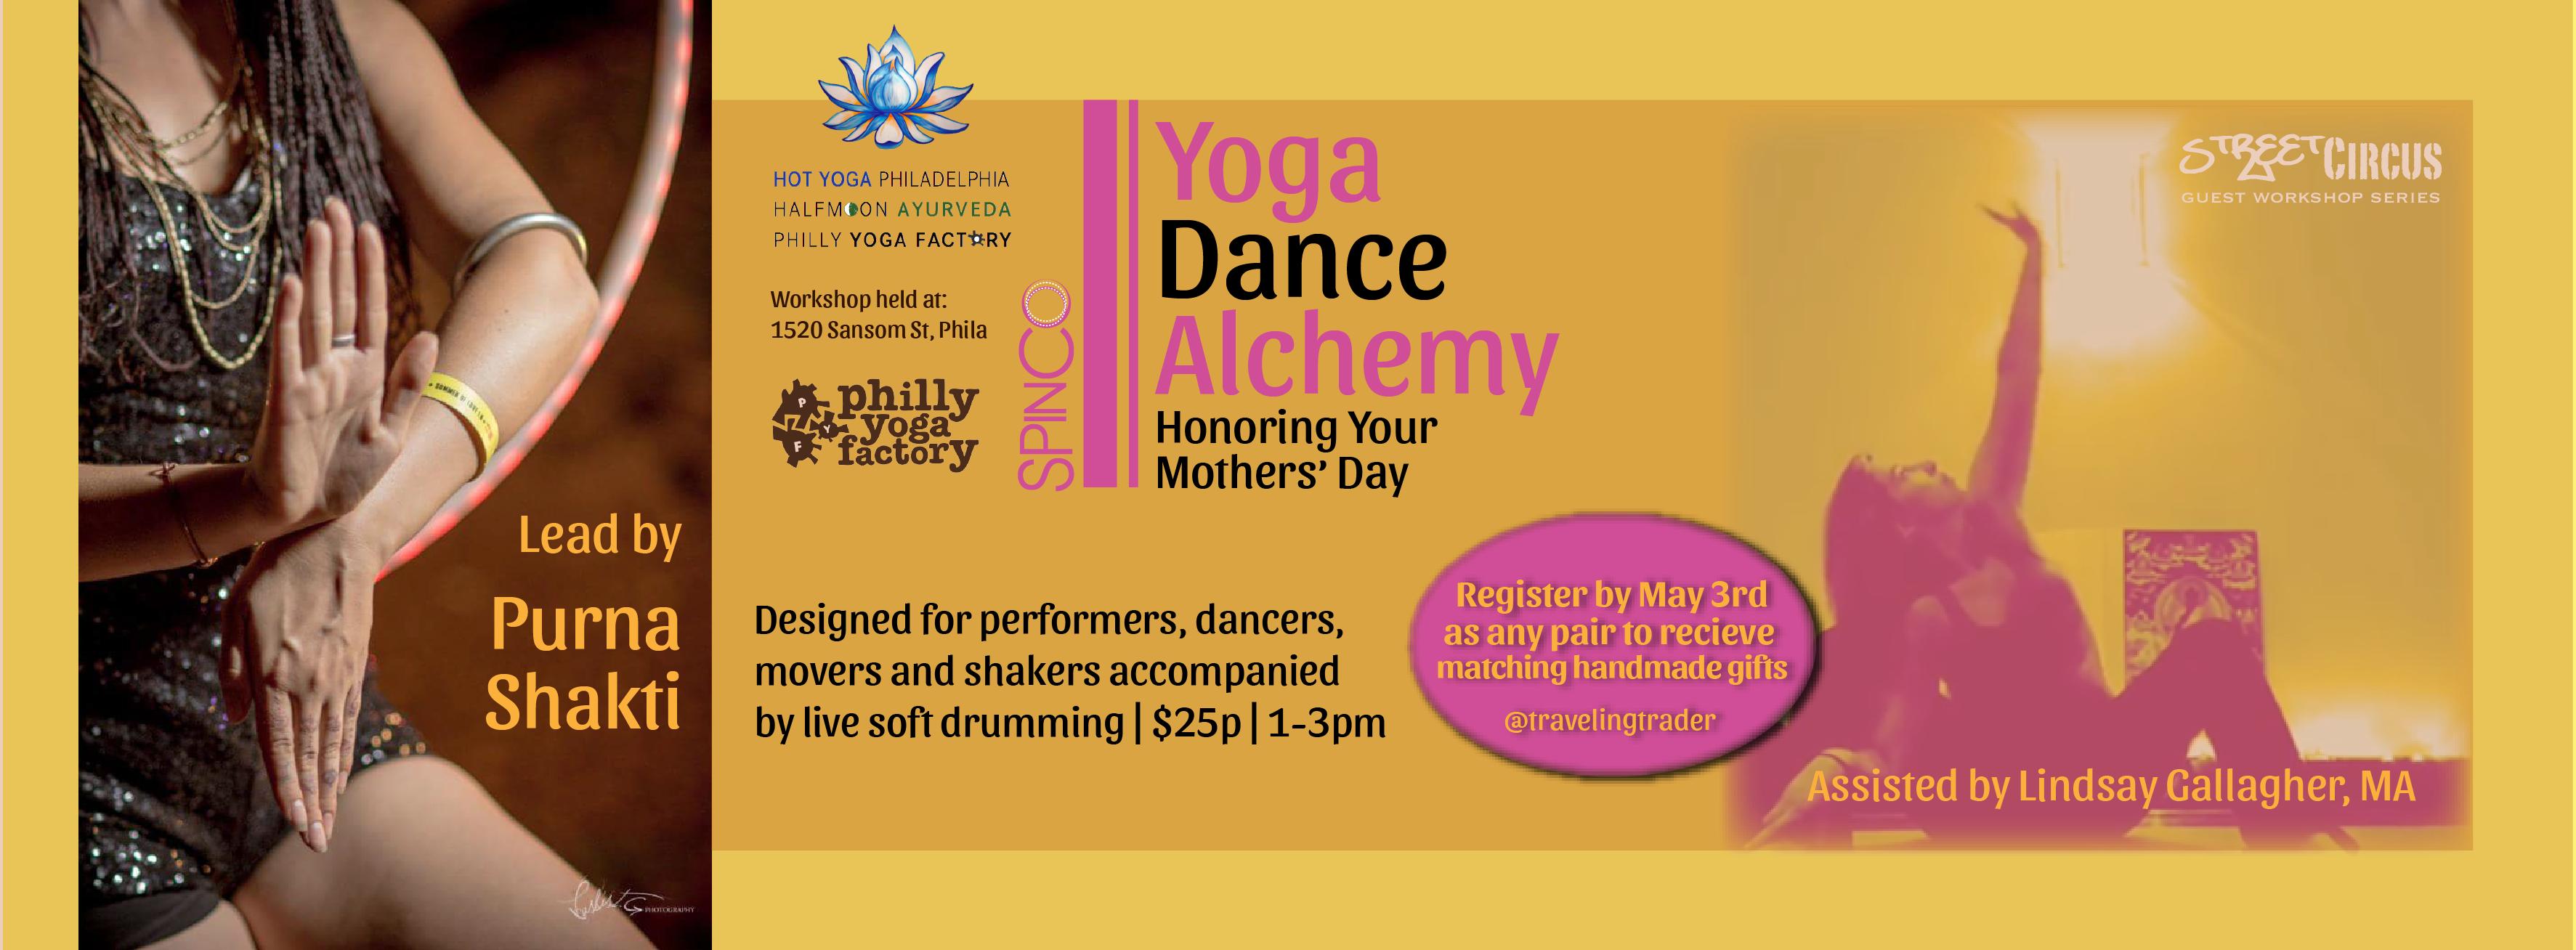 Fb Flyer Yoga Dance Alchemy 01